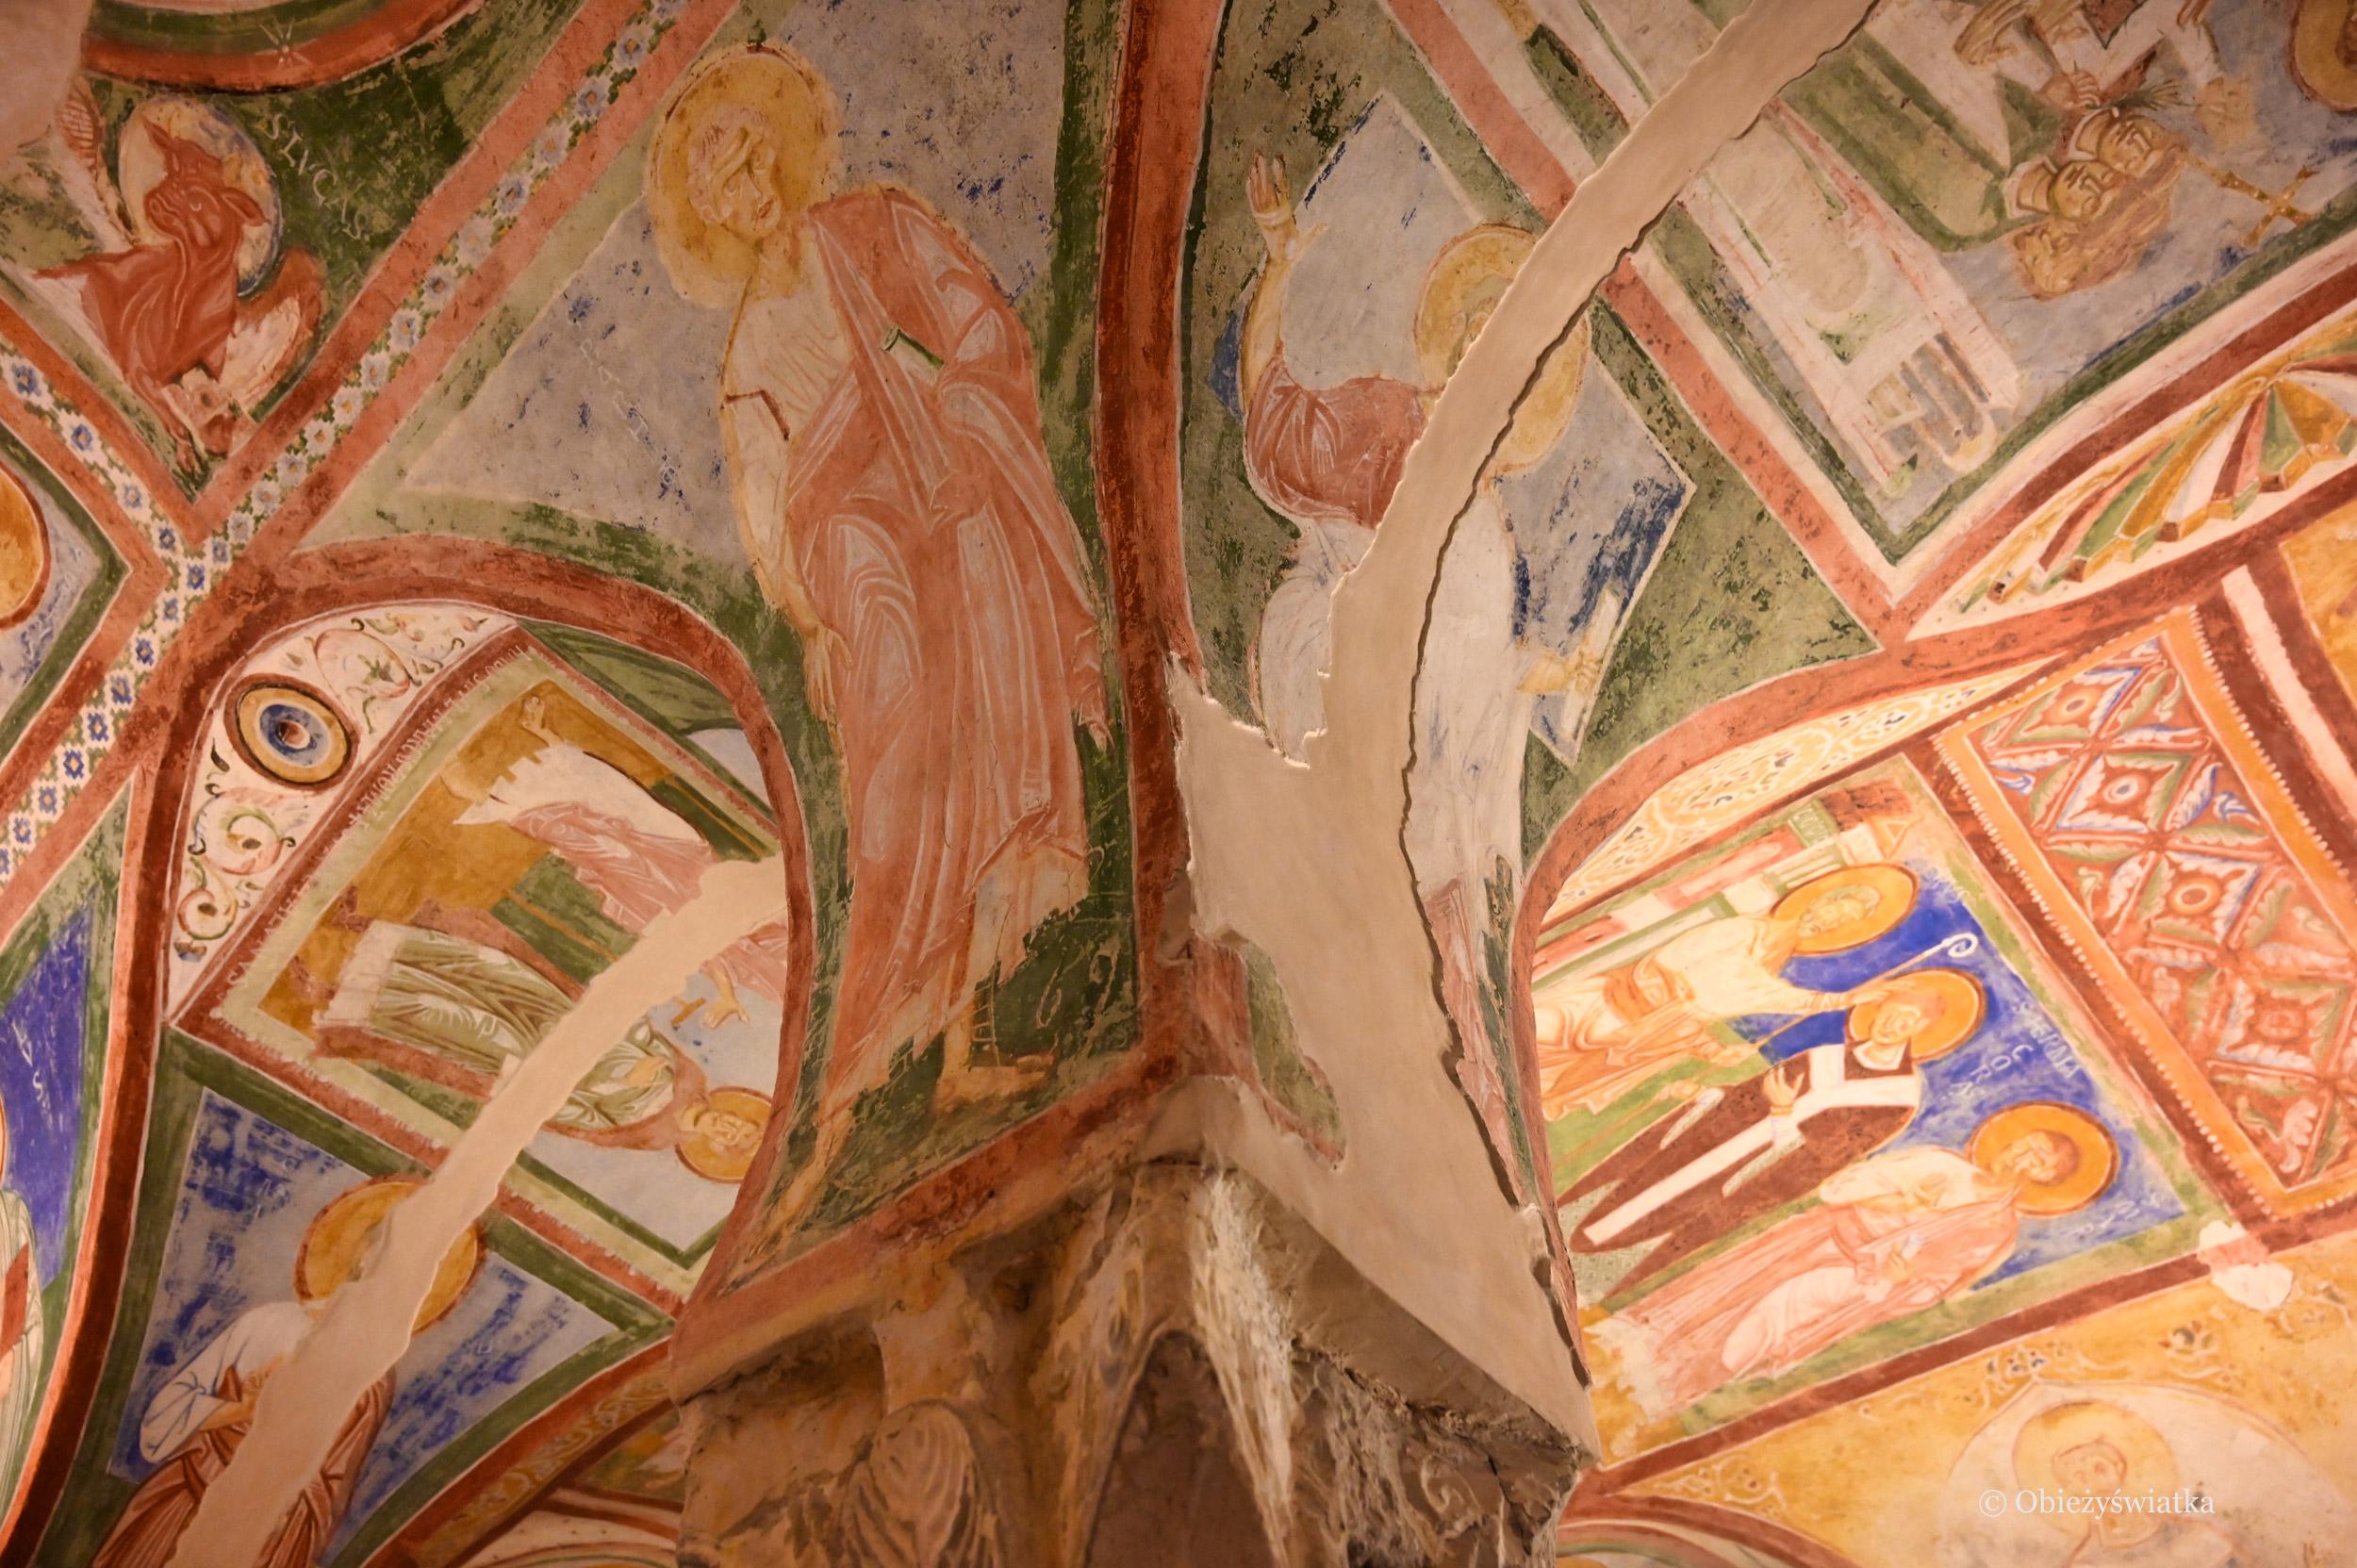 Zbliżenia - Kaplica Fresków, Akwileja